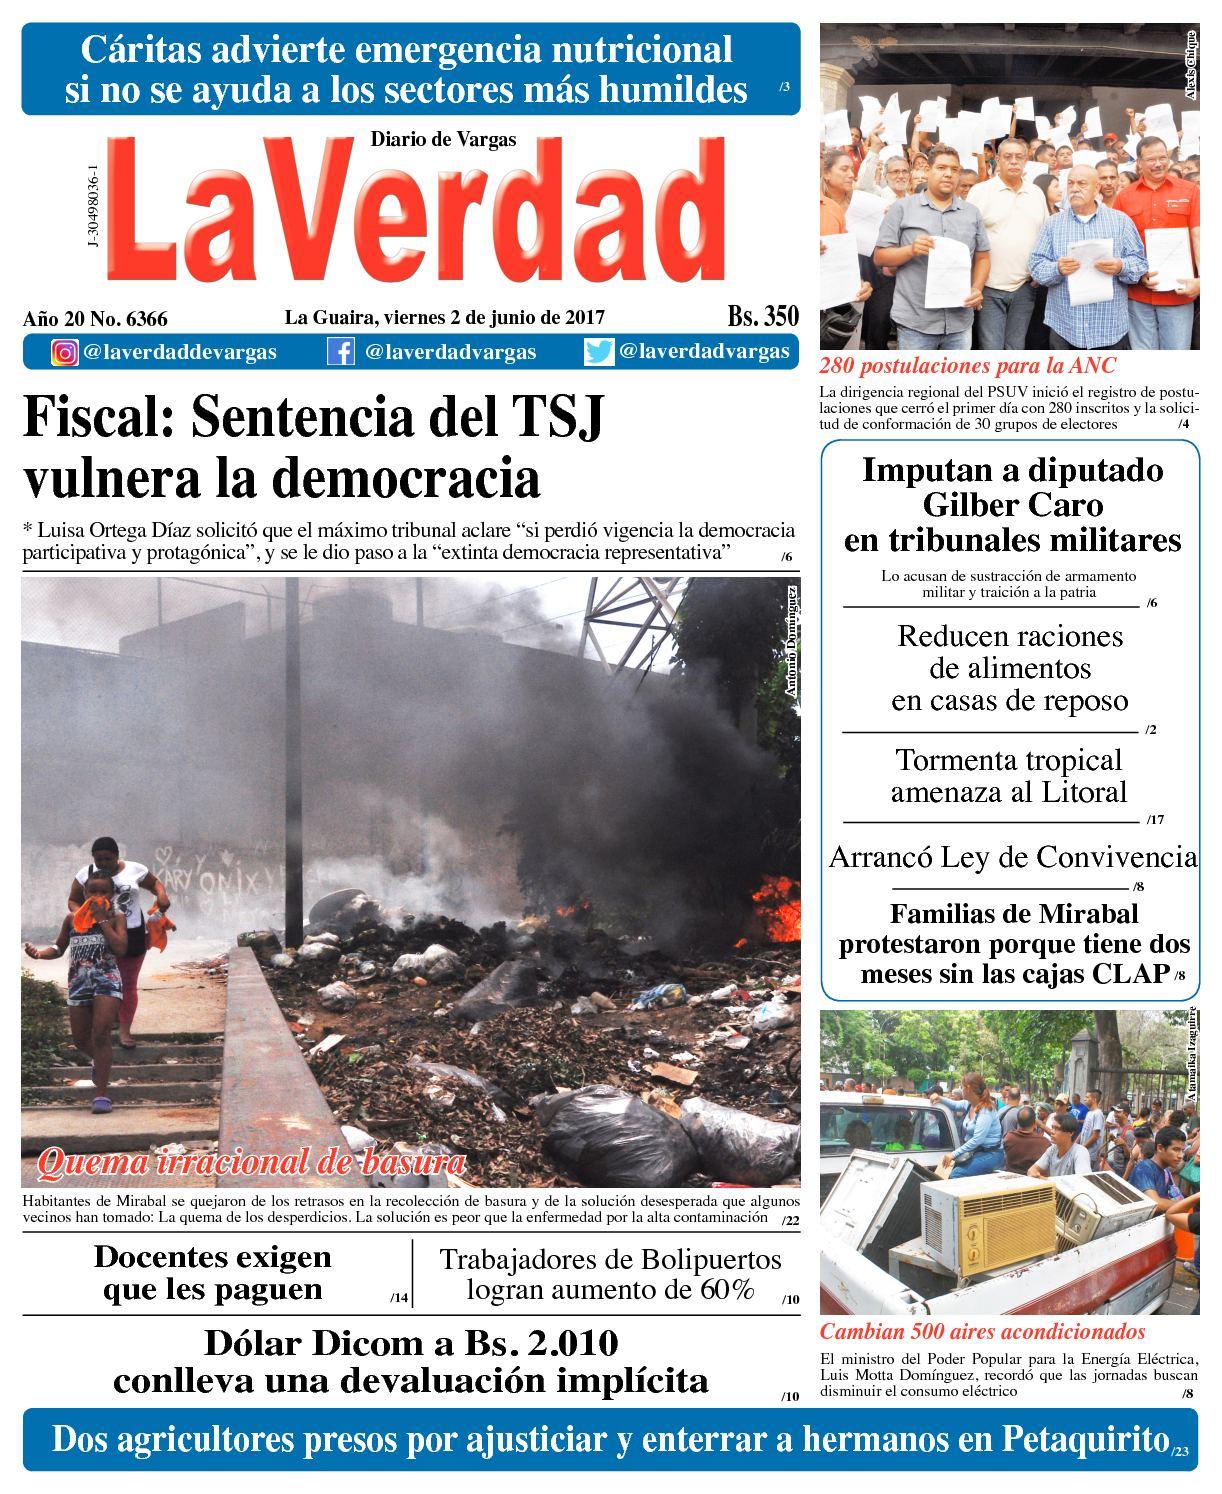 La Guaira, viernes 2 de junio de 2017 Año 20 No. 6366